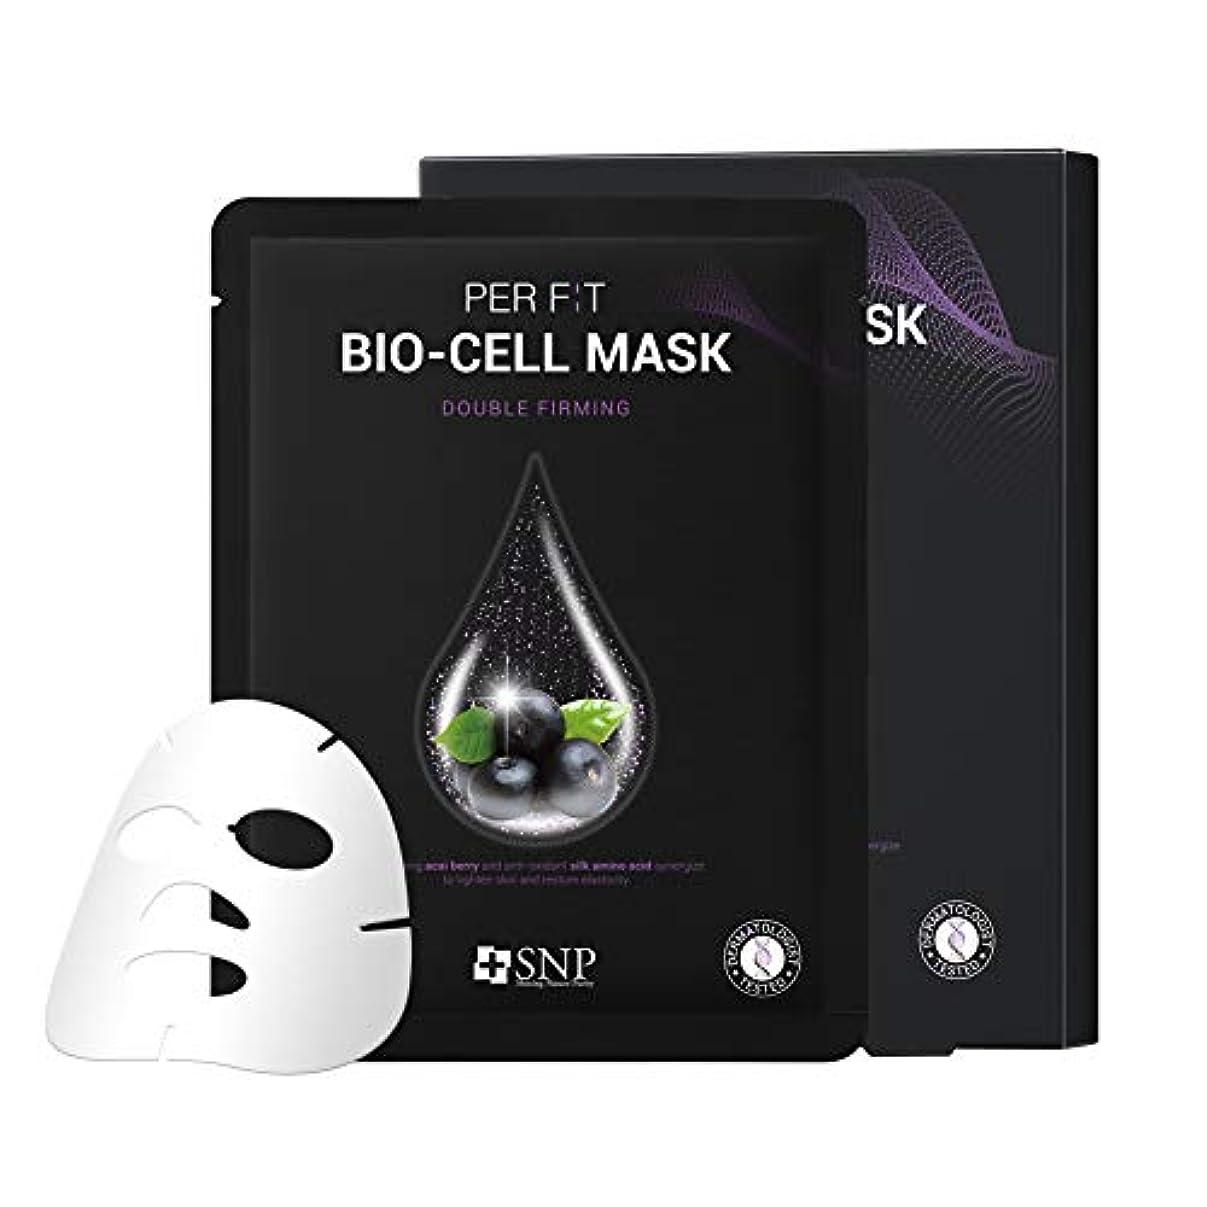 バースト筋肉の論争の的【SNP公式】パーフィット バイオセルマスク ダブルファーミング 5枚セット / PER F:T BIO-CELL MASK DOUBLE FIRMING 韓国パック 韓国コスメ パック マスクパック シートマスク